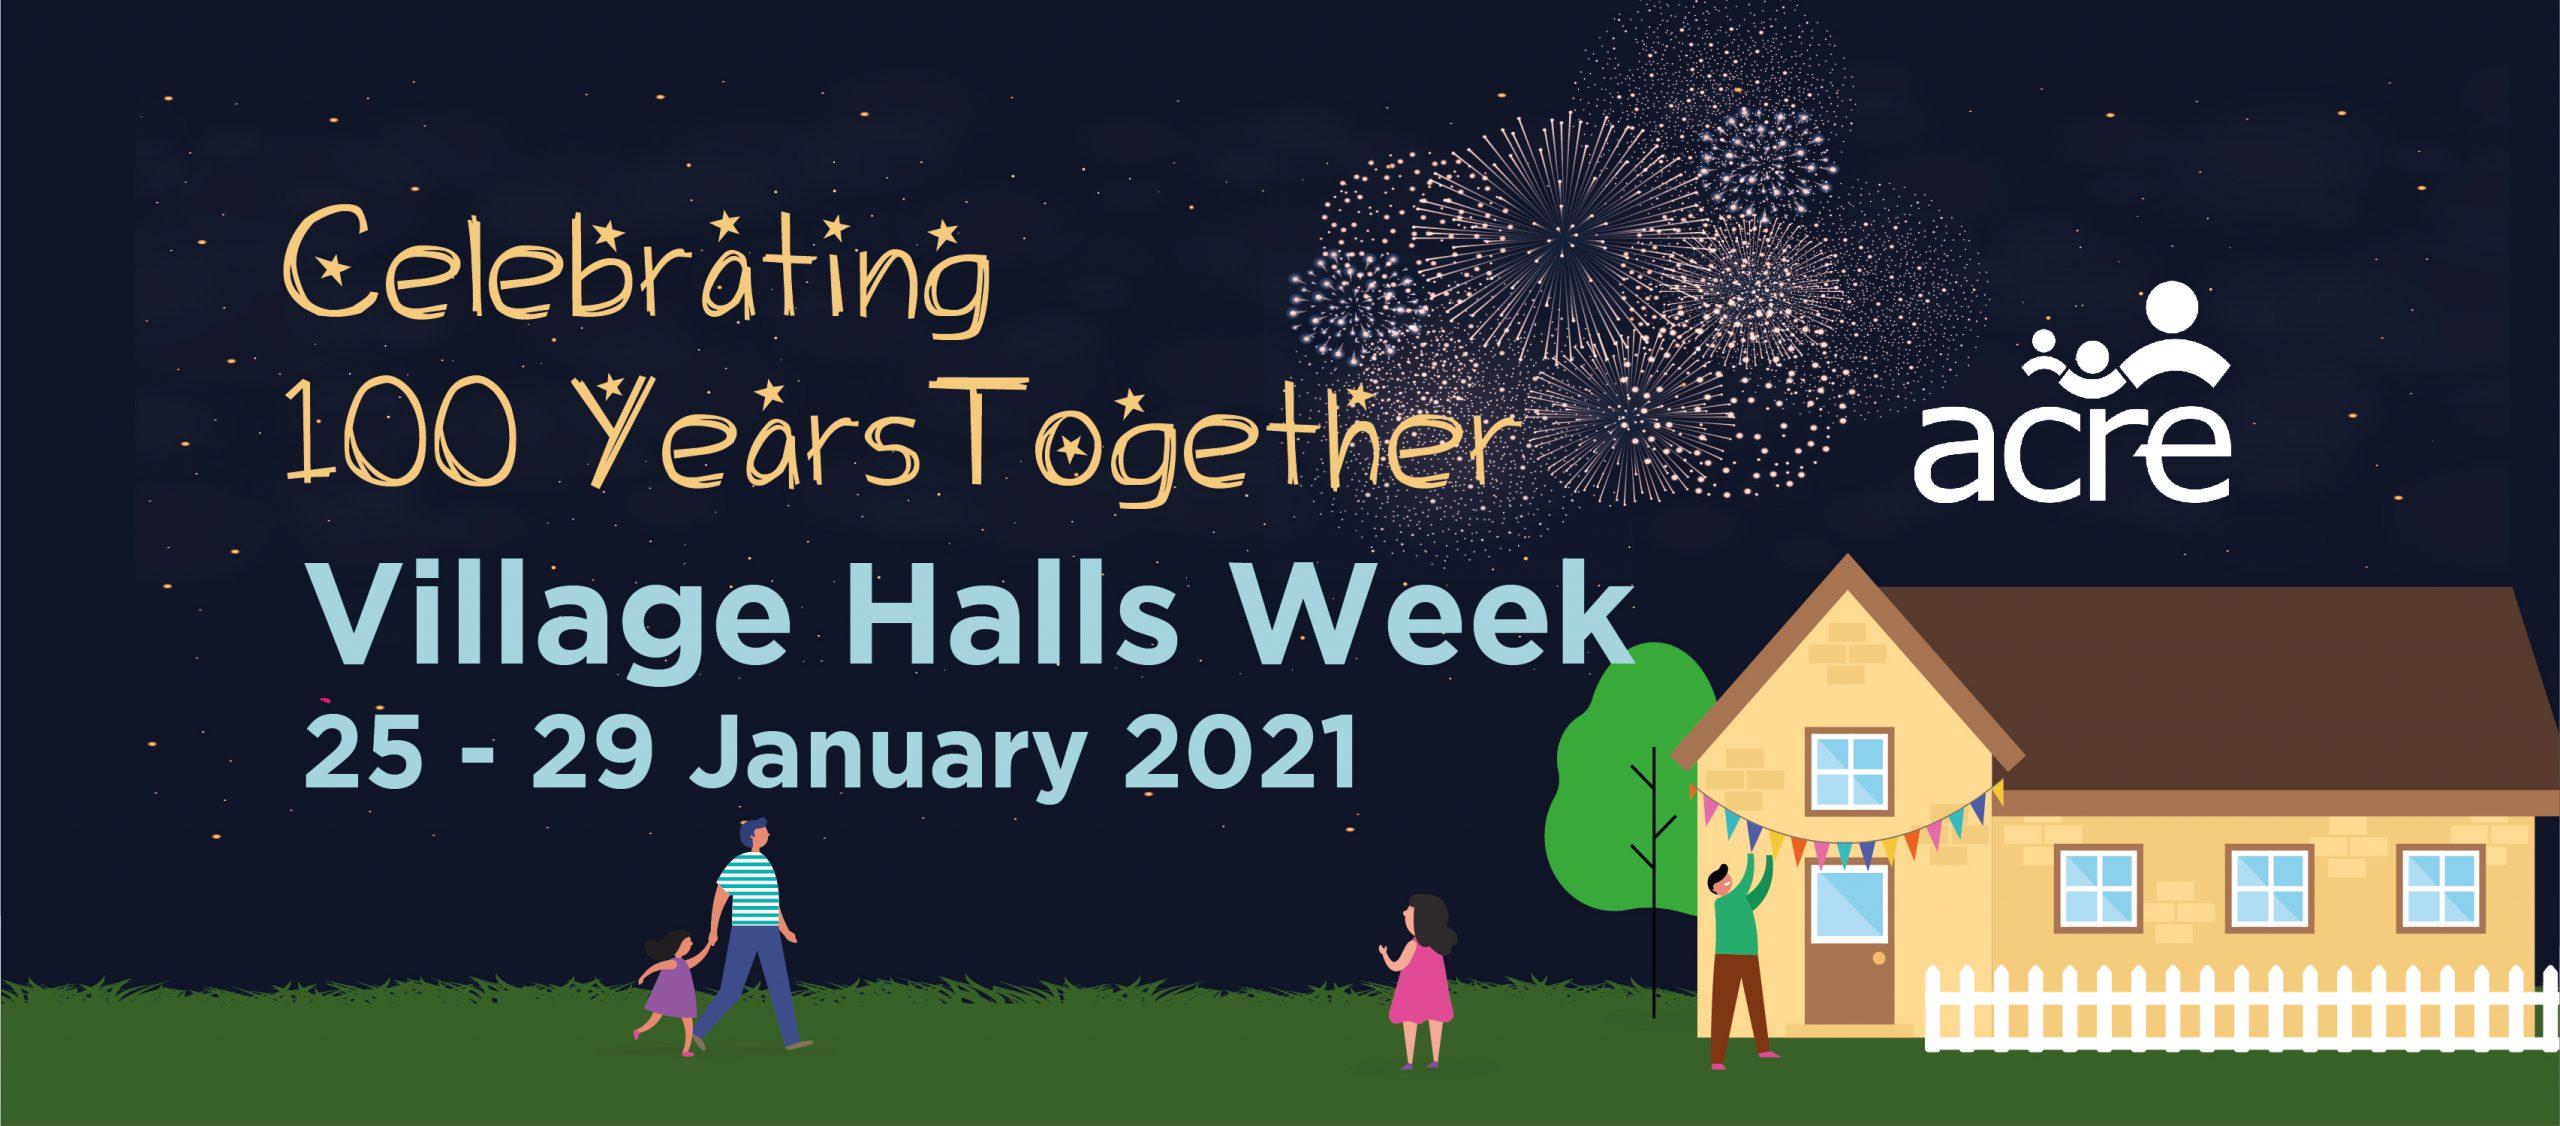 Village Halls Week 2021